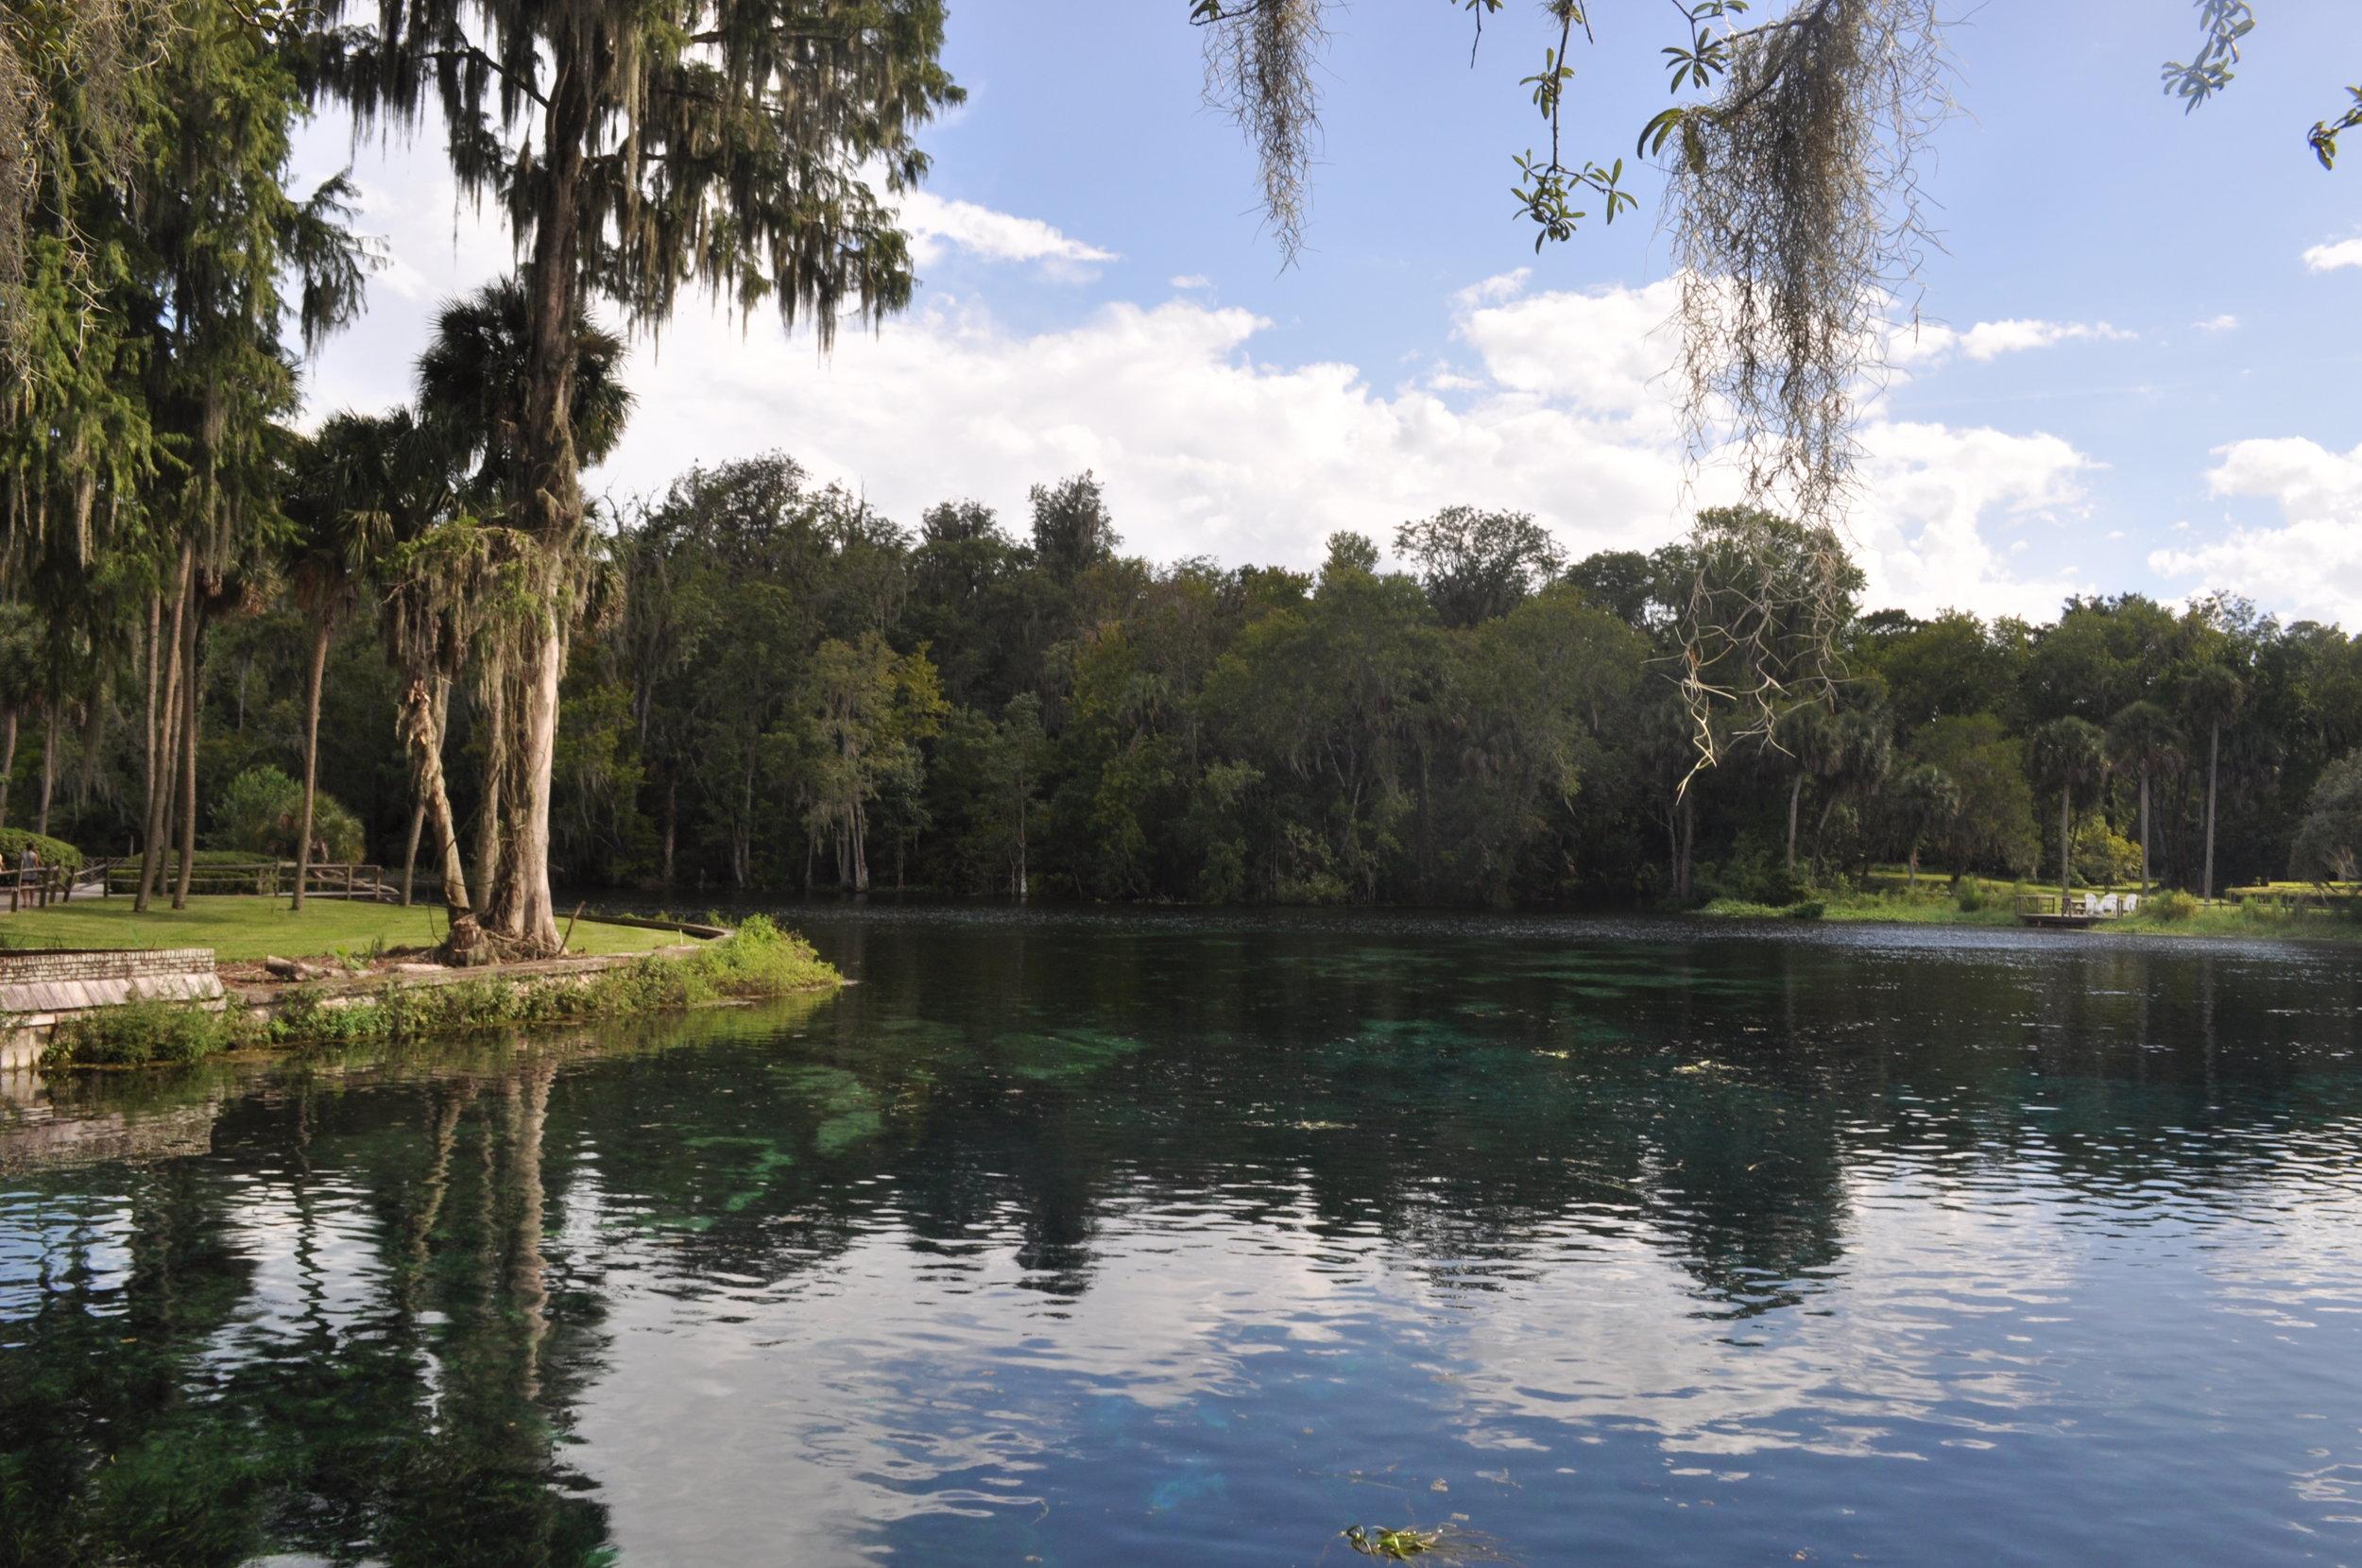 Silver Springs River, Ocala, Florida